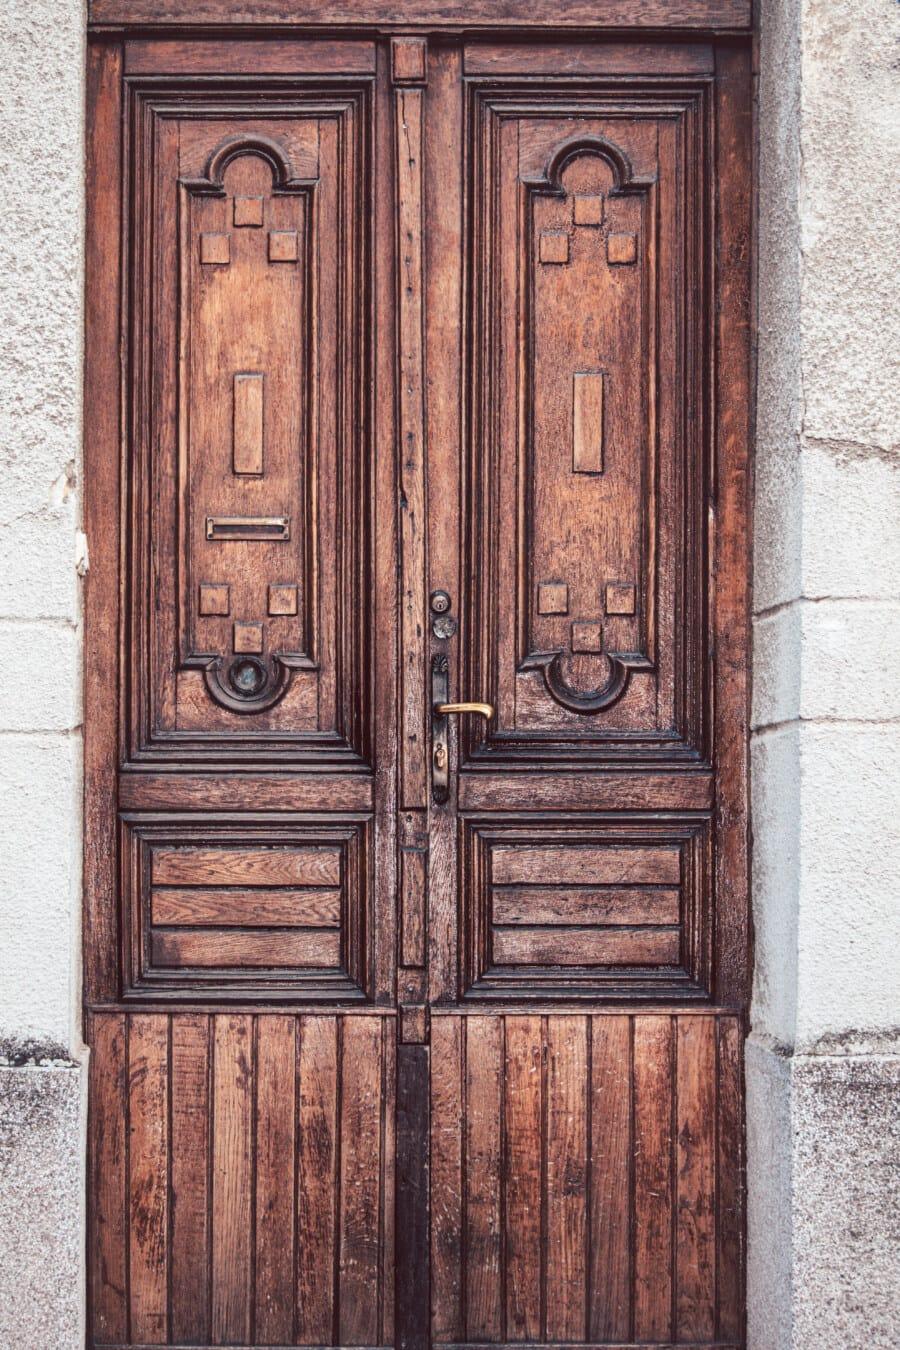 entrance, front door, carpentry, handmade, symmetry, door, old, doorway, wood, wooden